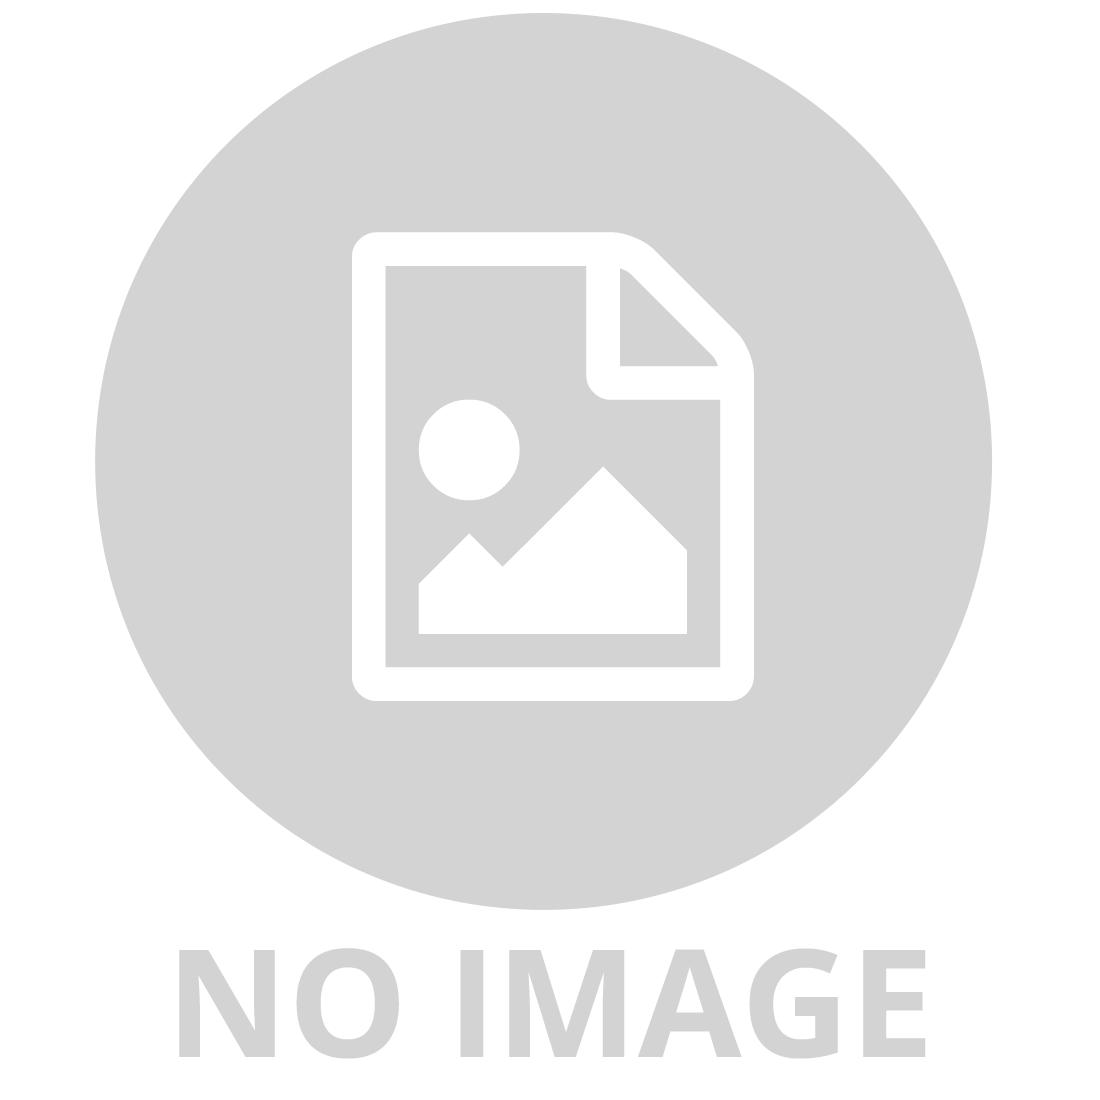 TAMIYA 1/35 JEEP WILLYS MB 1/4 TON 4X4 TRUCK